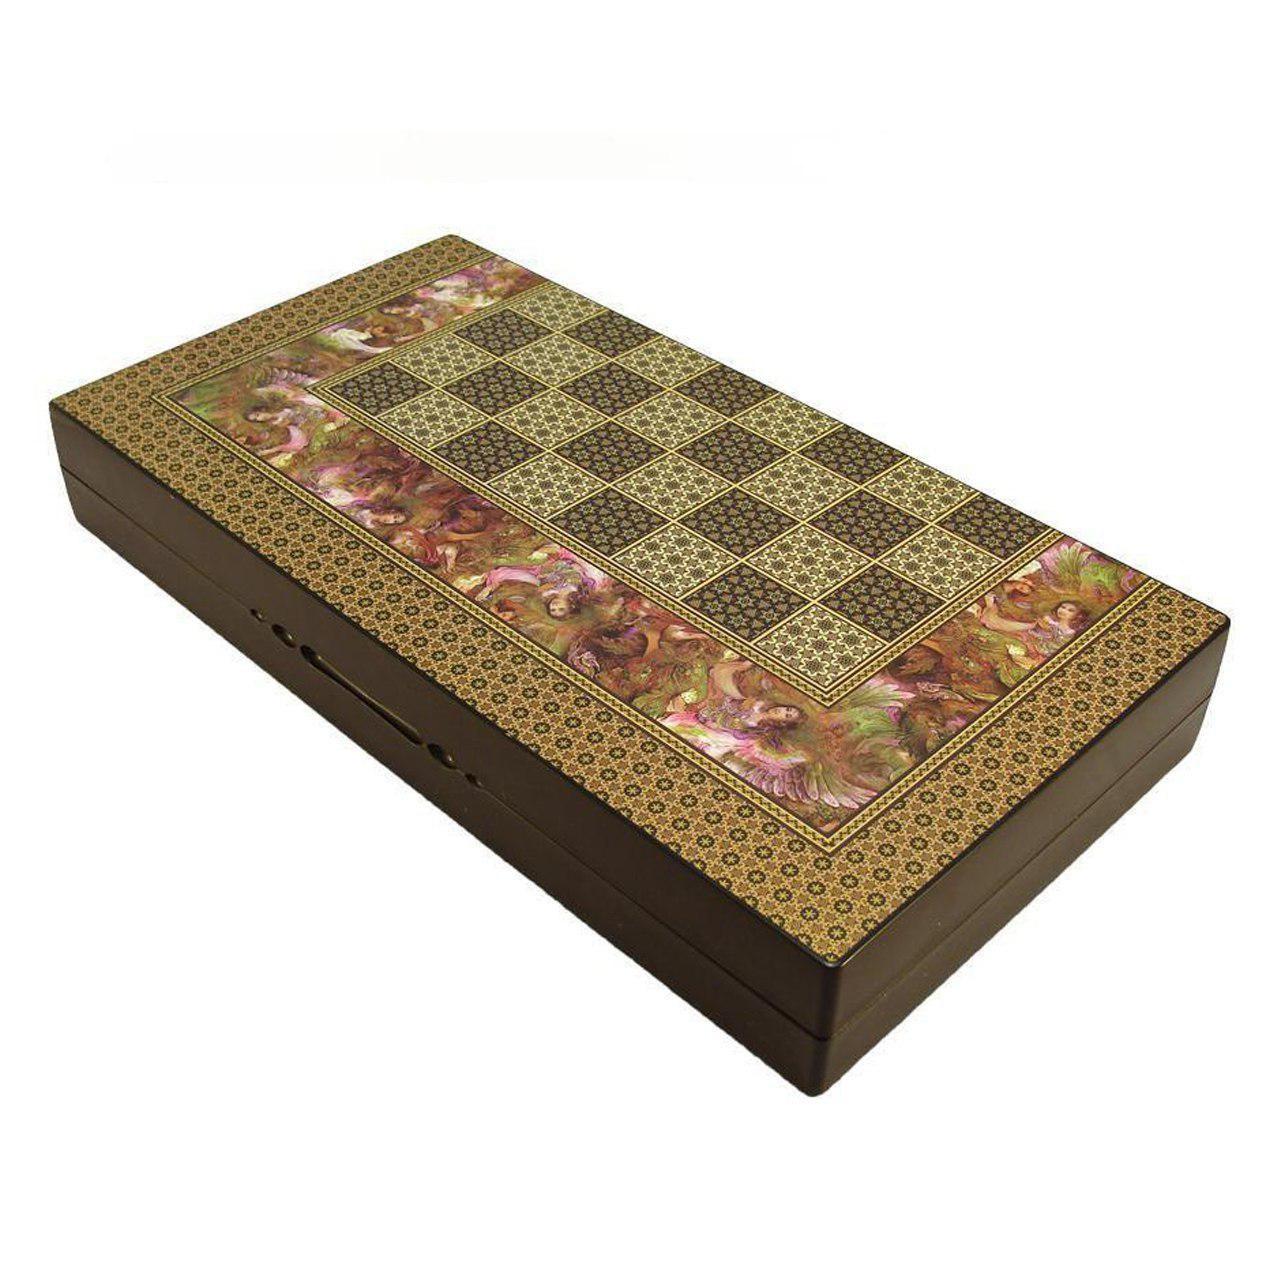 صفحه شطرنج و تخته نرد گالری نفیس طرح خاتم مینیاتور طول 50 سانتیمتر